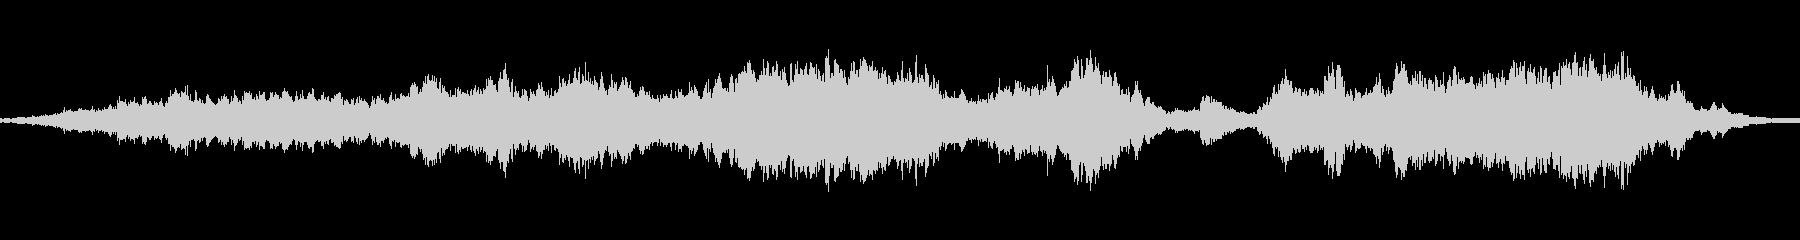 周囲の大気のサウンドスケープは、超...の未再生の波形